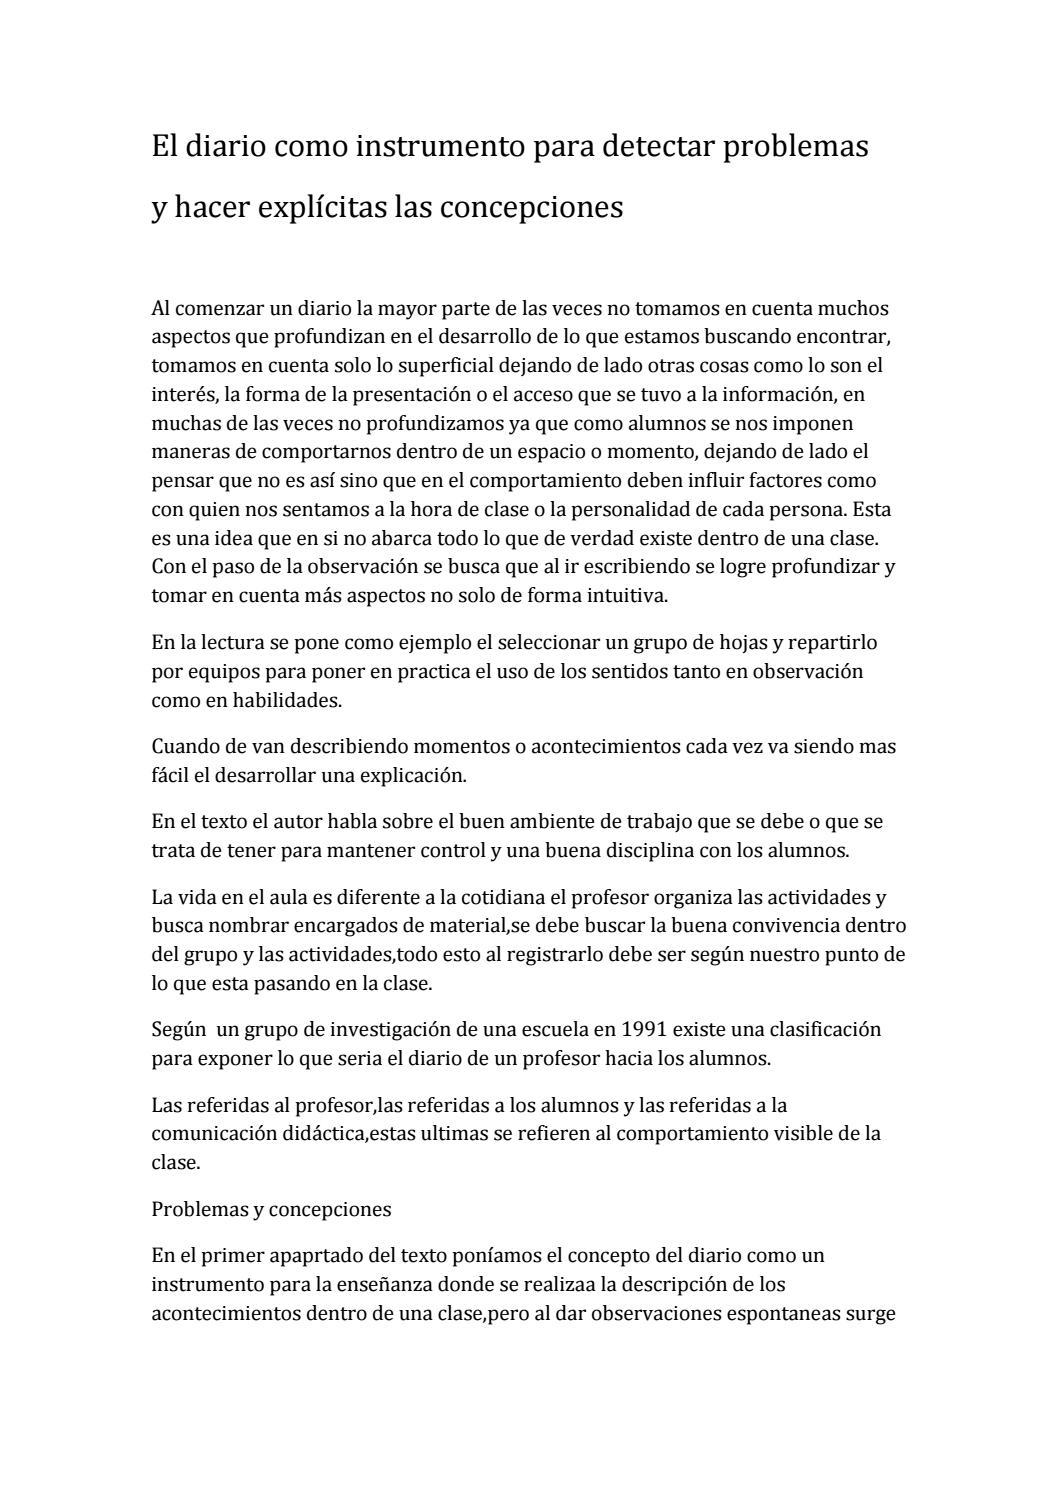 Dorable Hojas De Las Habilidades De Lectura Embellecimiento - hojas ...